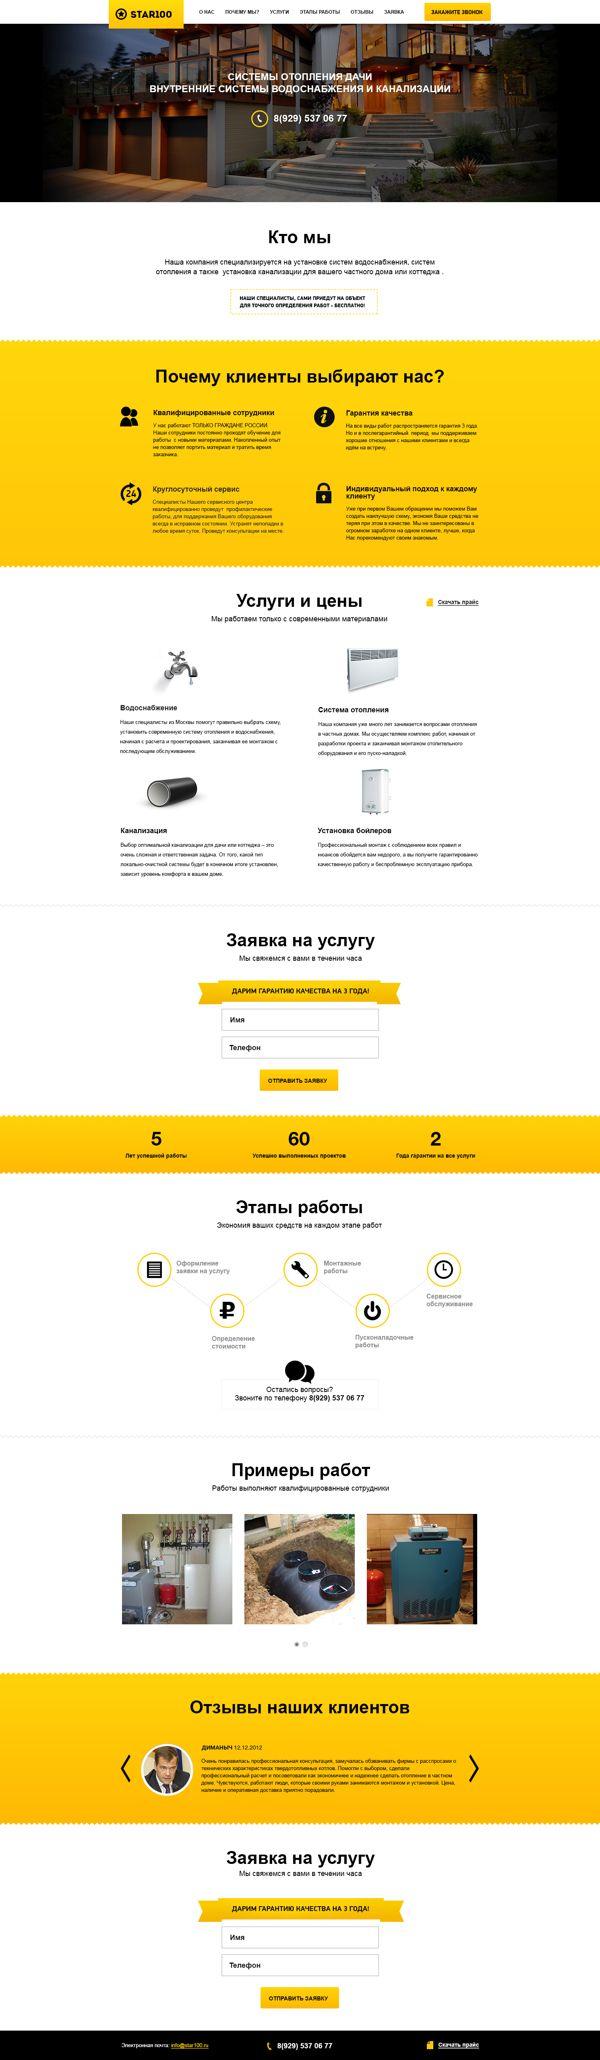 Landing page by Alexander Goryachev, via Behance